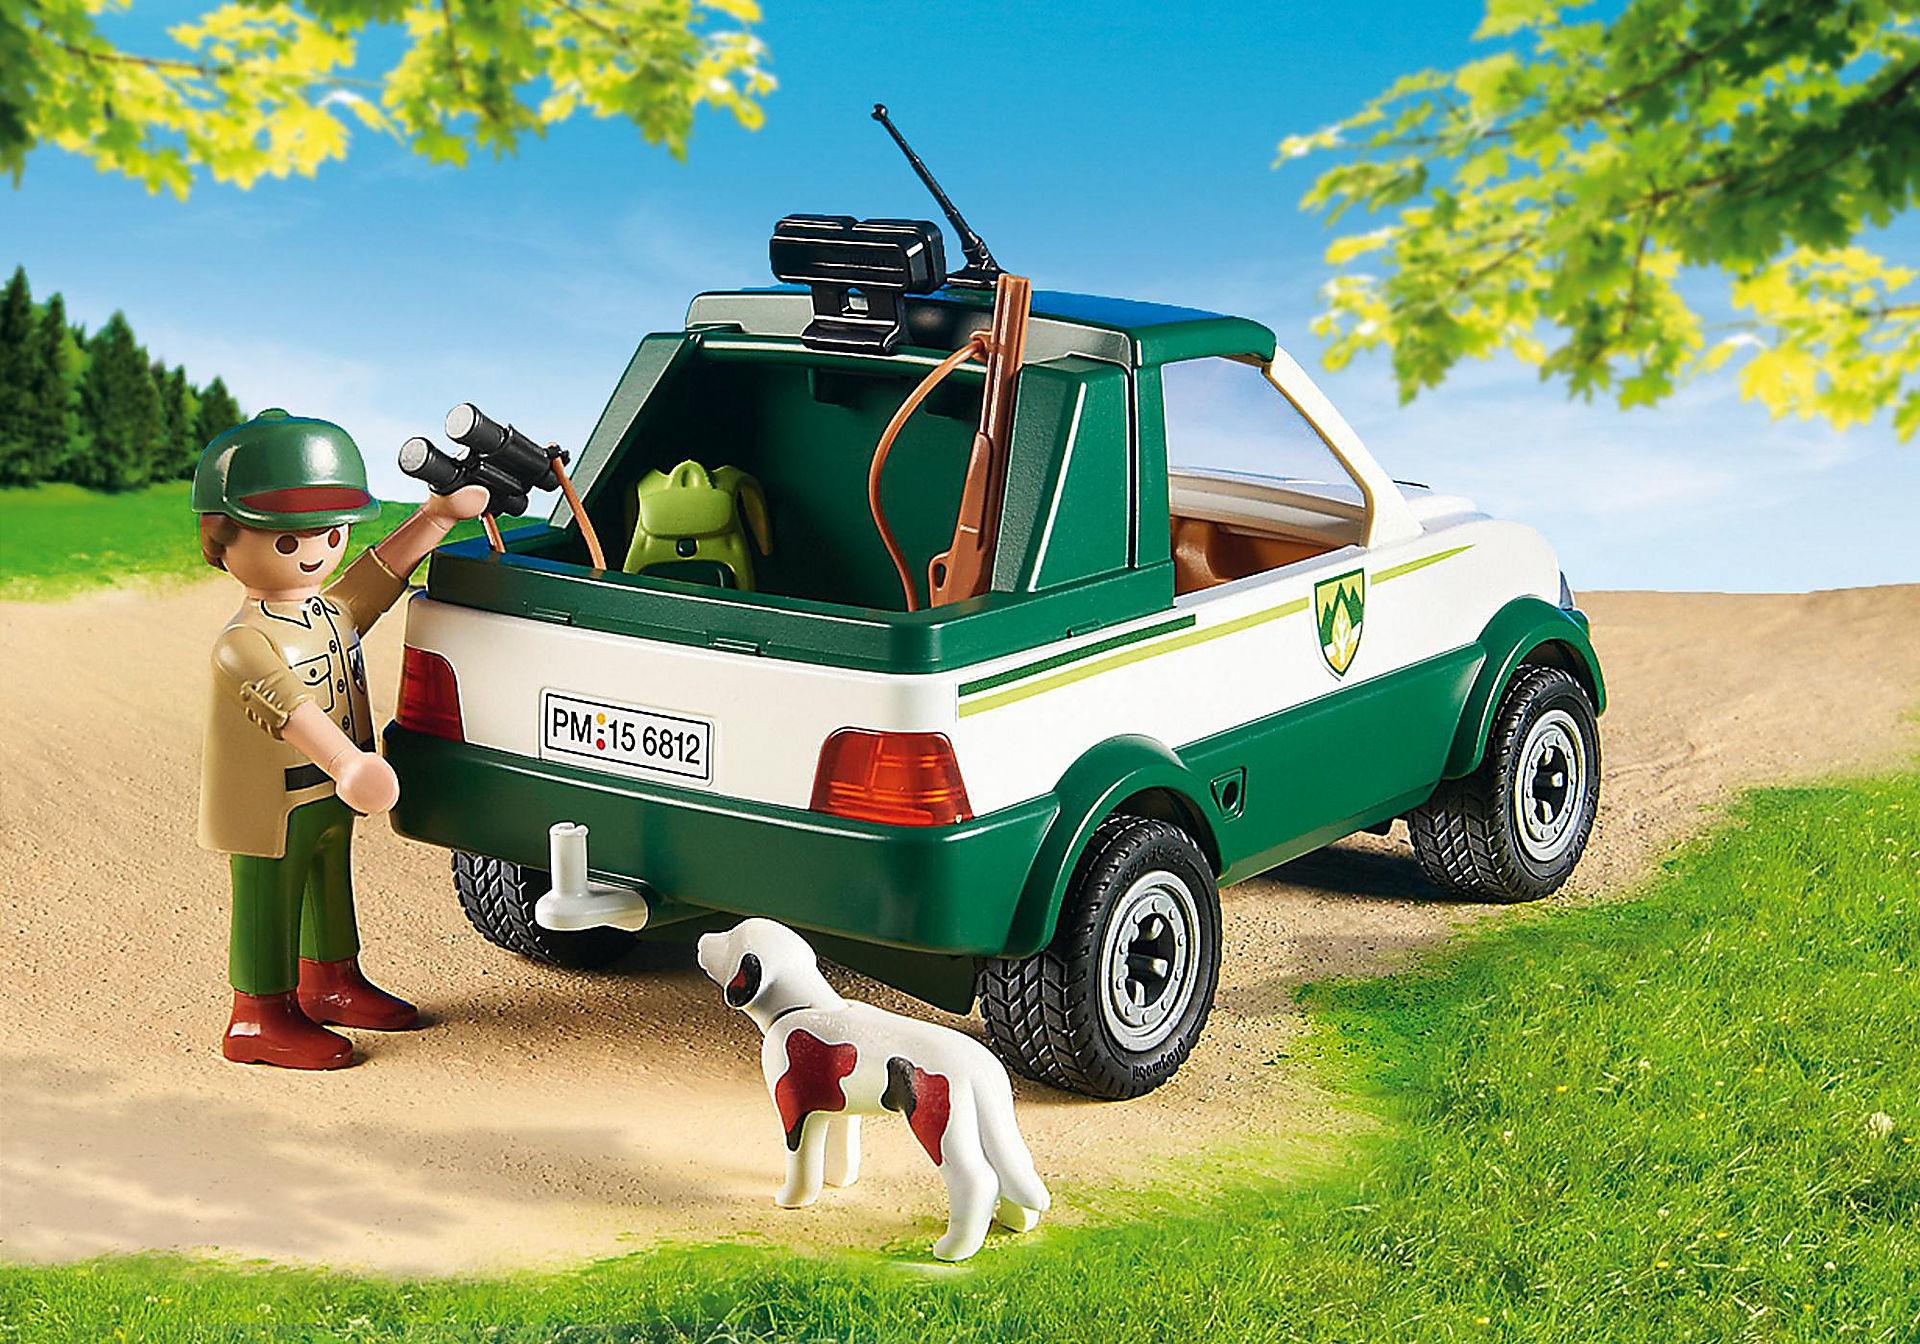 http://media.playmobil.com/i/playmobil/6812_product_extra1/Förster-Pickup